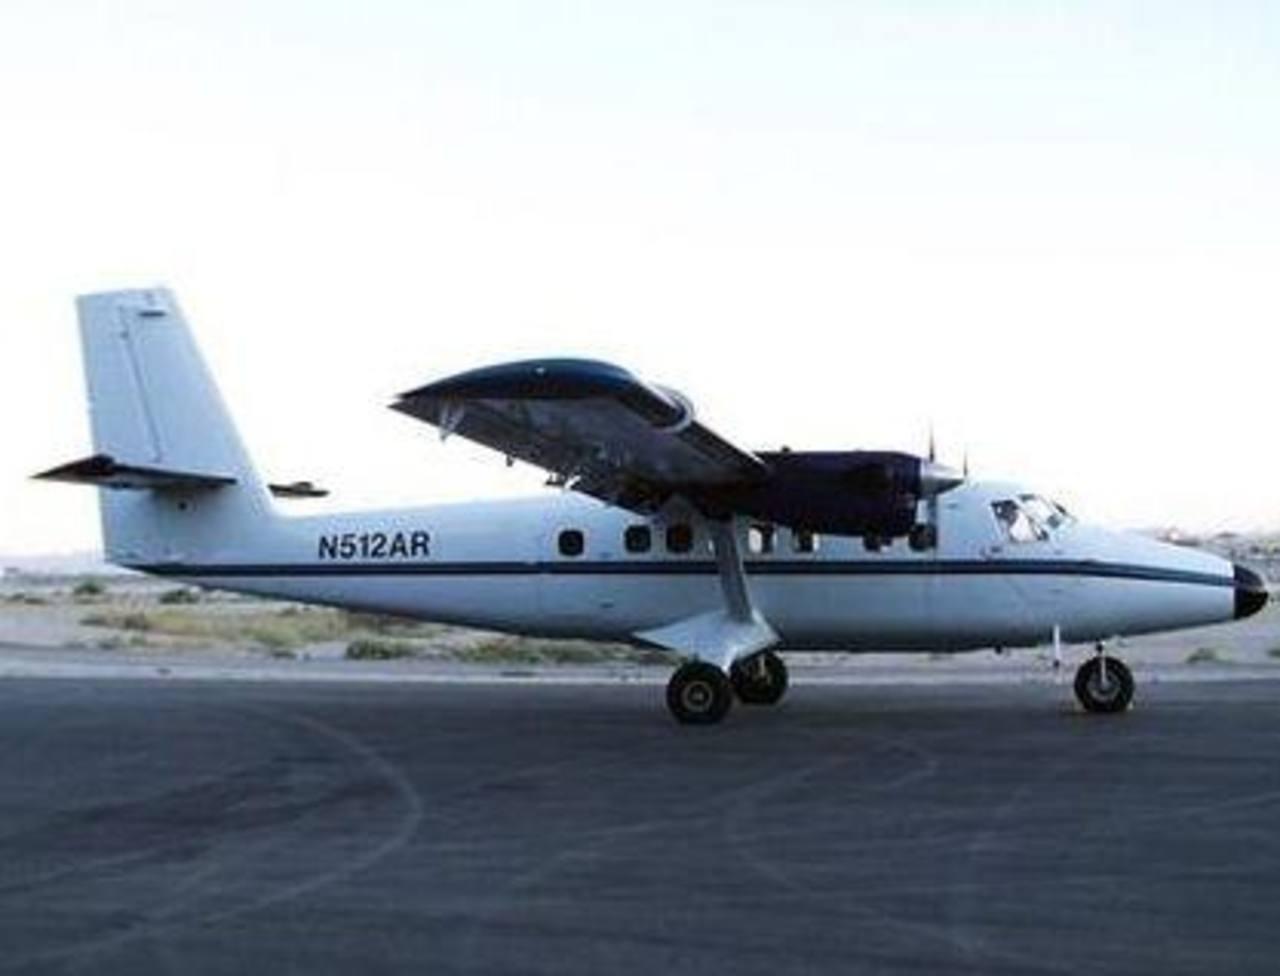 Fotografía de agosto 2007, provista por la Administración Nacional del Océano y la Atmósfera (NOAA), mostrando un avión bimotor DeHavilland DHC6 Twin Otter similar al aparato de Nepal Airlines con 18 ocupantes que desapareció el domingo. Foto/ AP